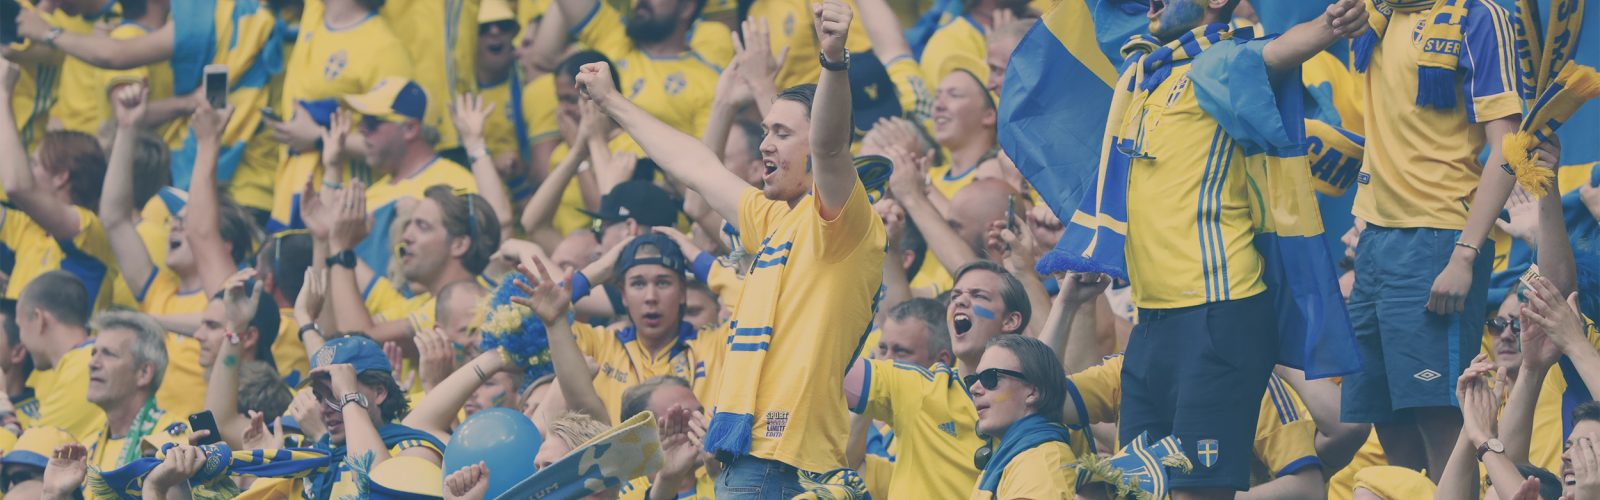 Sverige Fotbolls VM 2018